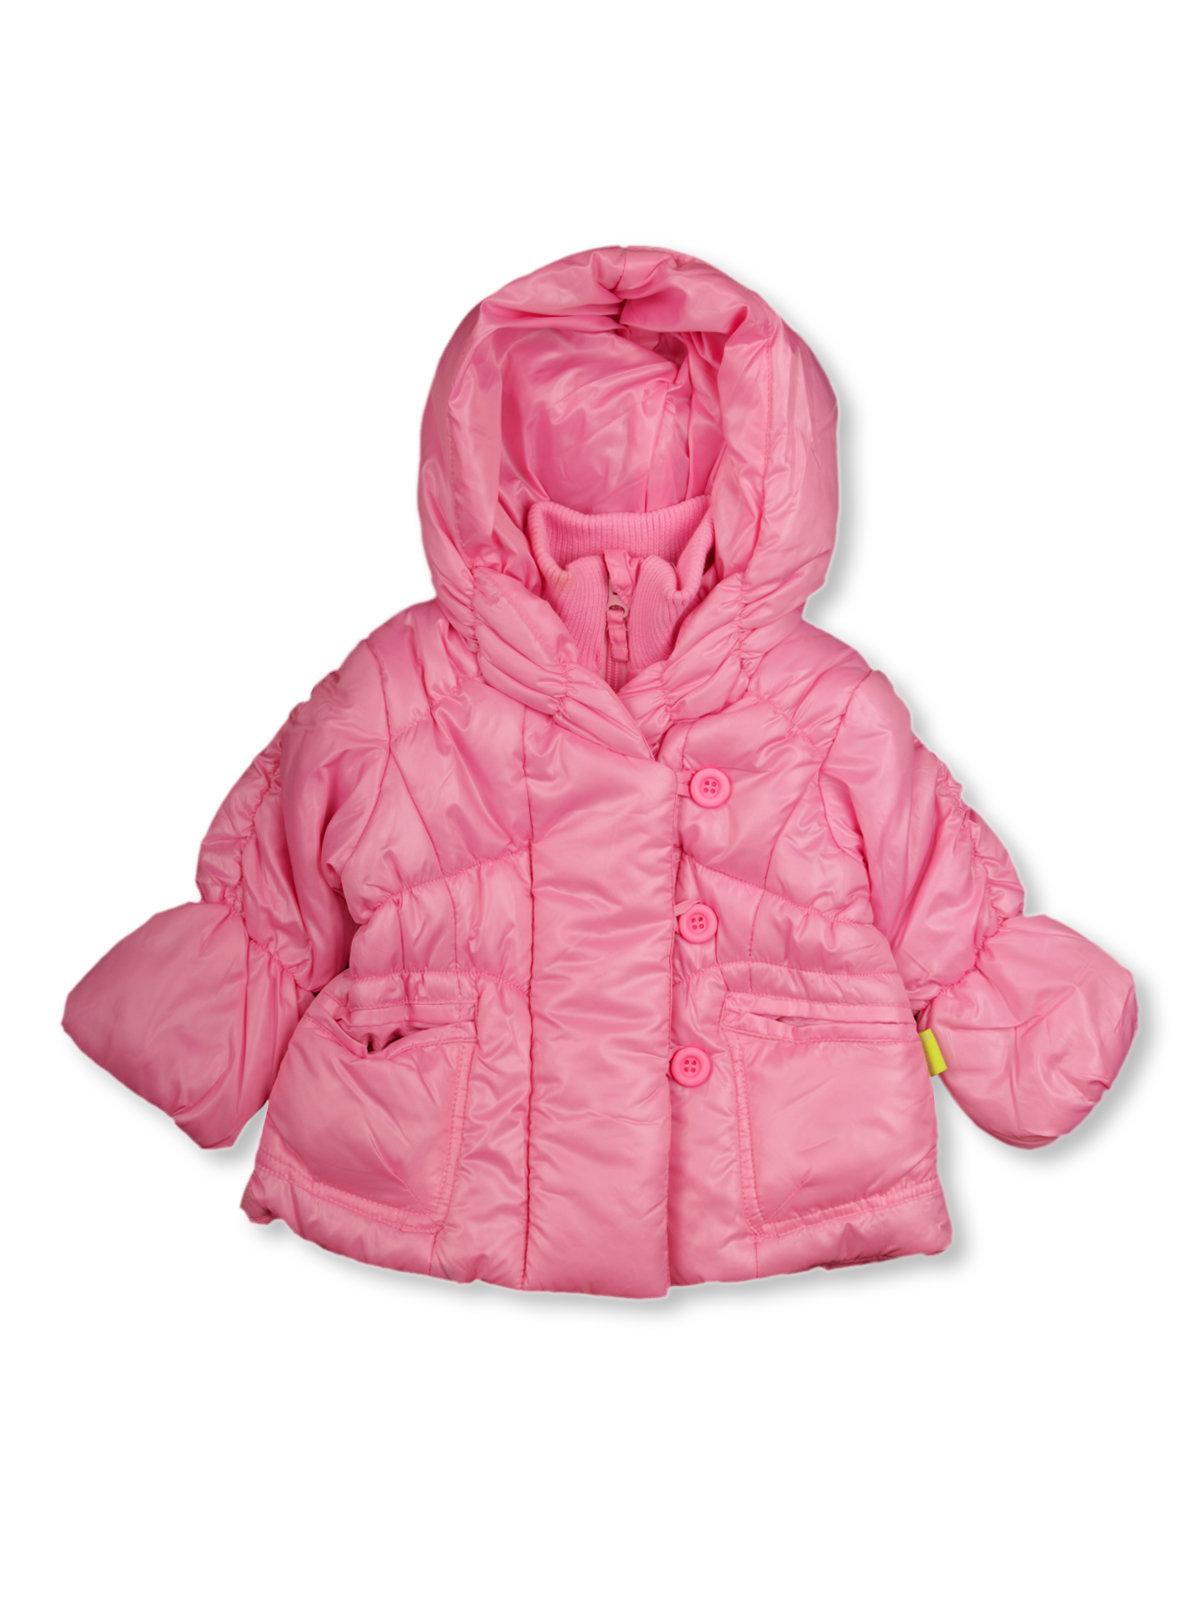 SAM Курточка розоваяс капюшоном для девочки, SAM, (6, 9, 15 мес.)